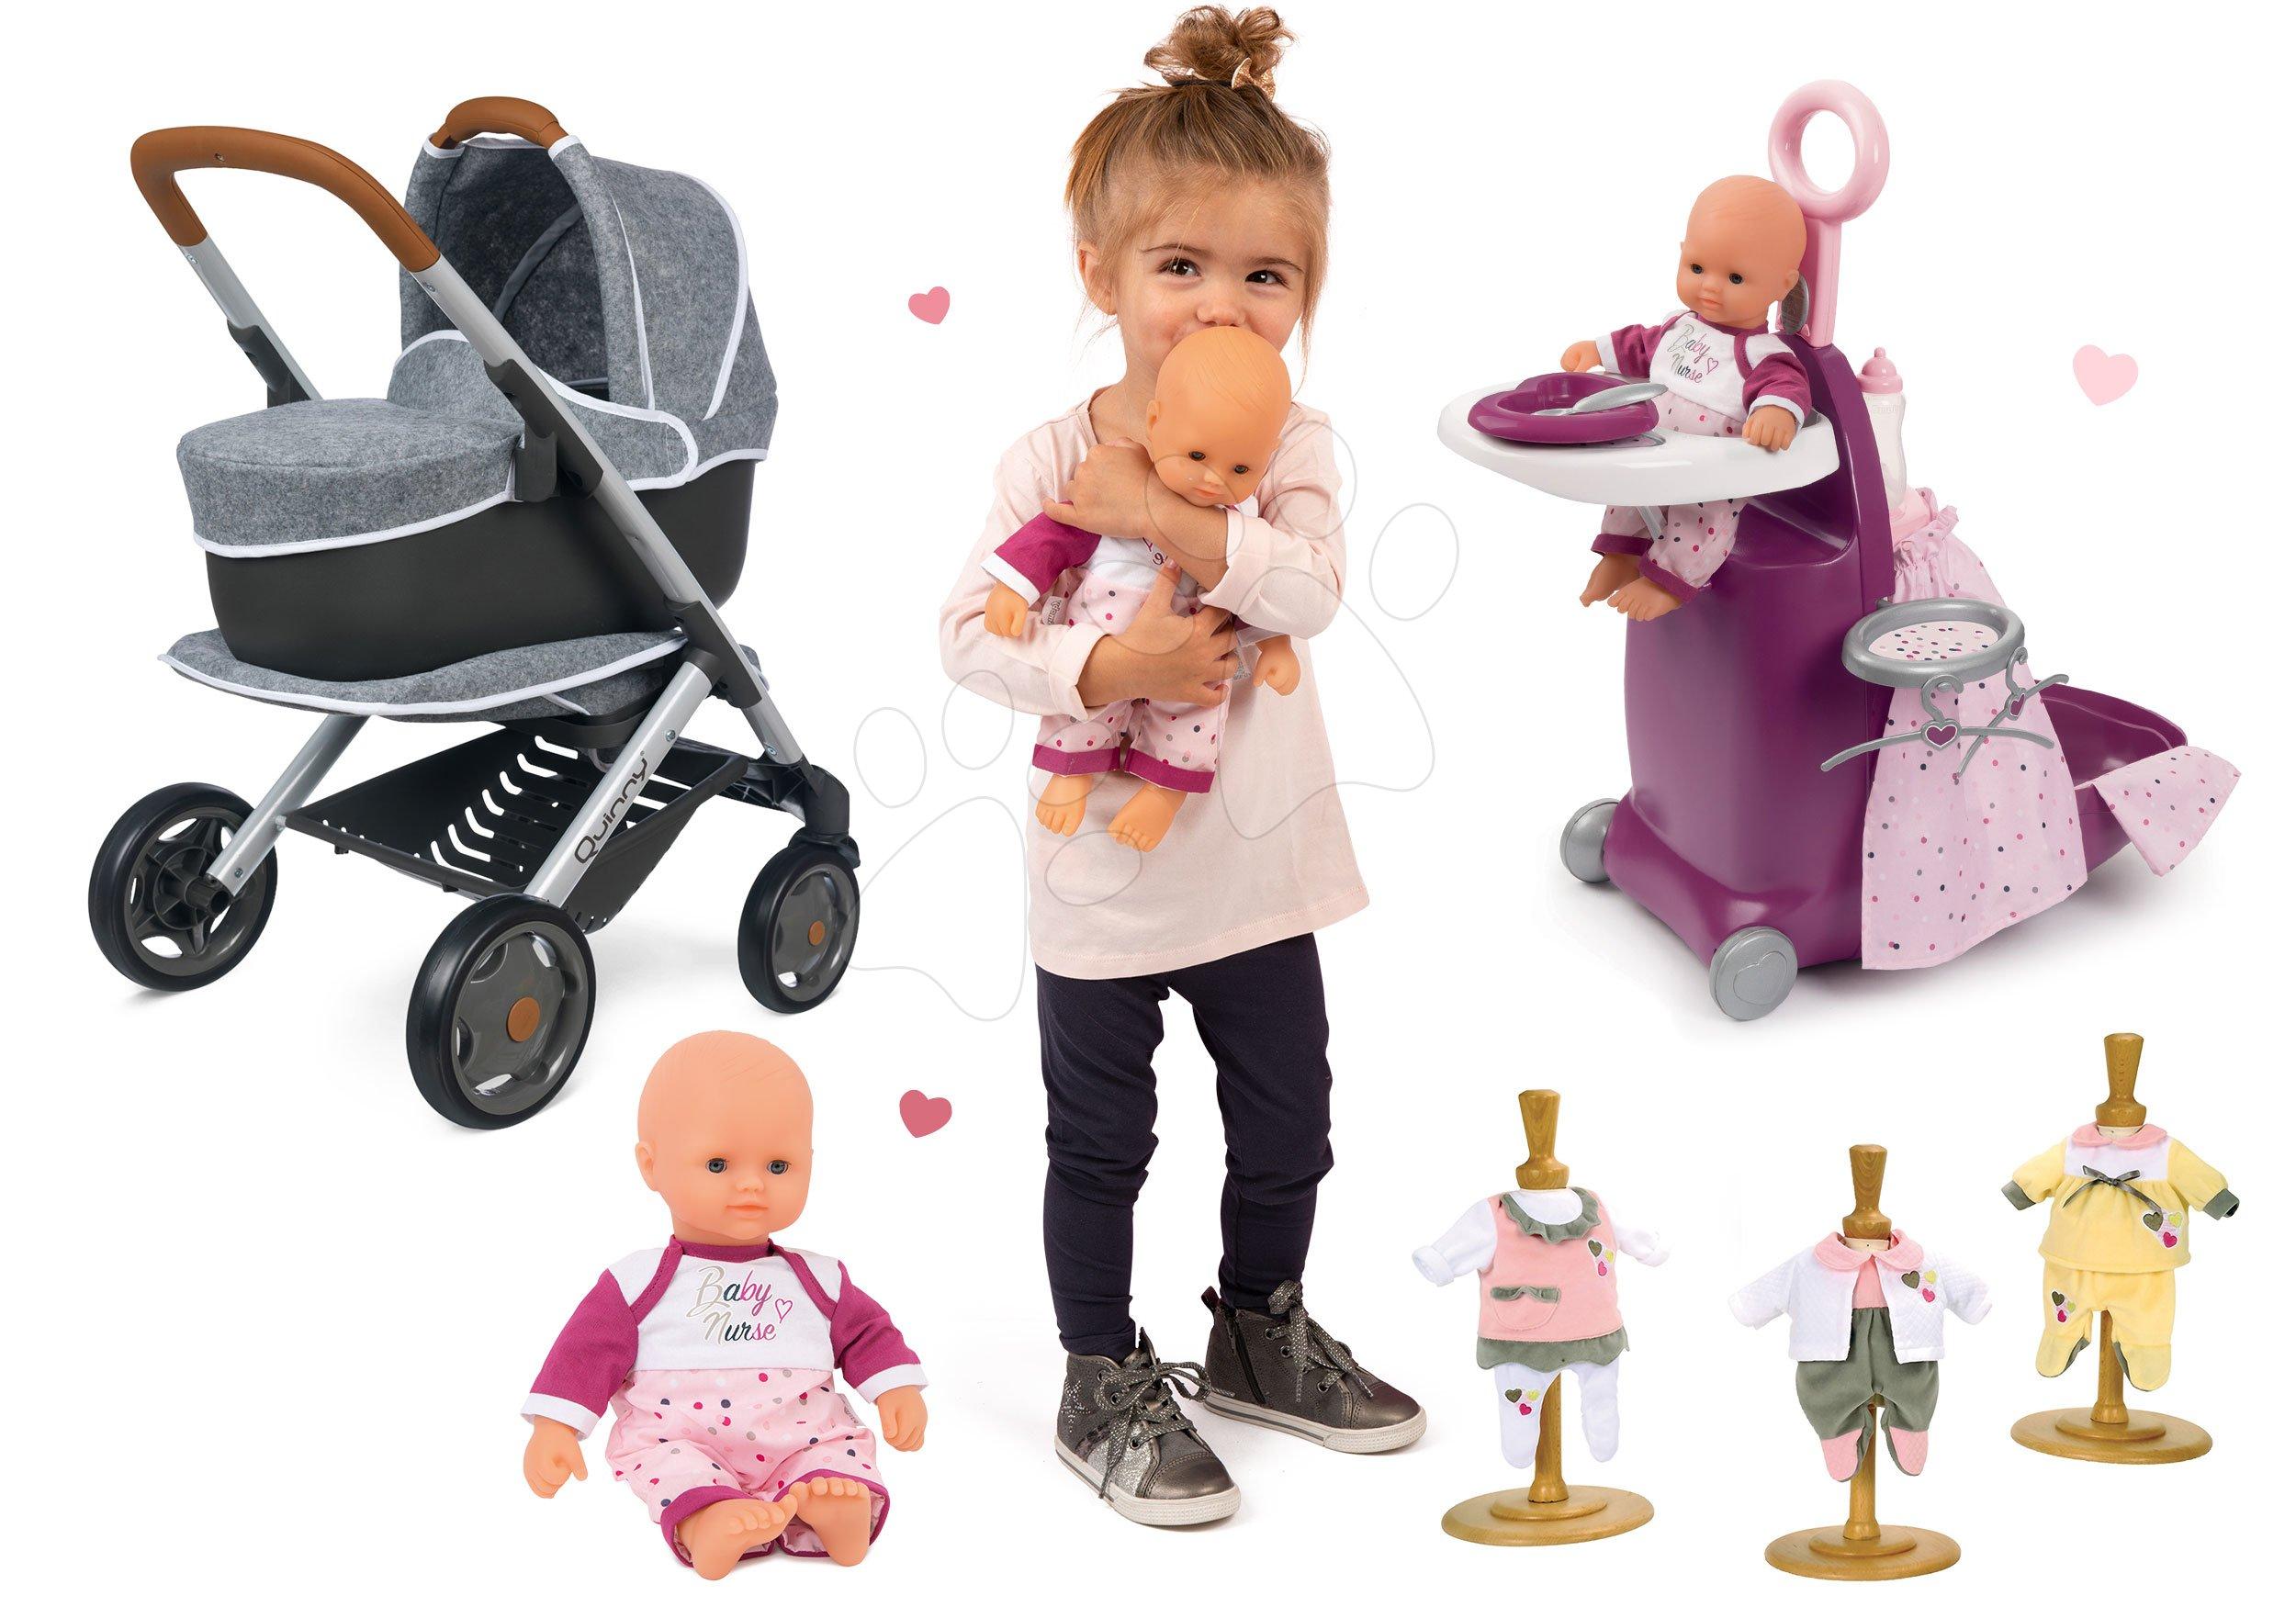 Set kočárek hluboký a sportovní DeLuxe Pastel Maxi Cosi&Quinny Grey 3v1 Smoby a panenka Violette s třemi šatičky a pečovatelské centrum